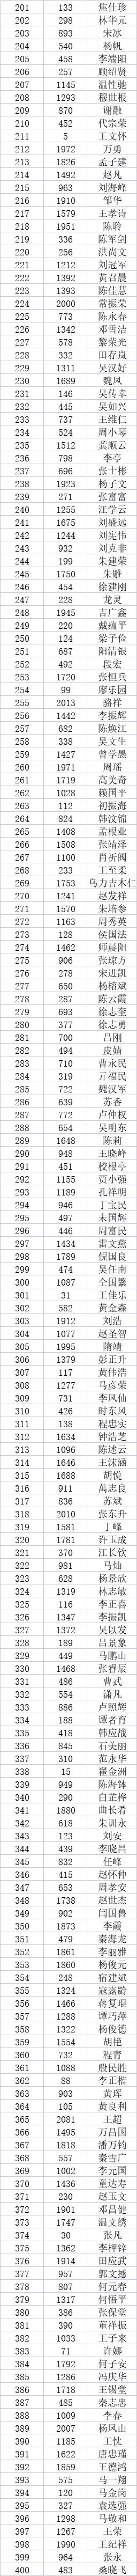 """【墨染中华杯·决赛入围名单】2021年""""墨染中华杯""""全国书画艺术大赛决赛入围名单-第3张"""